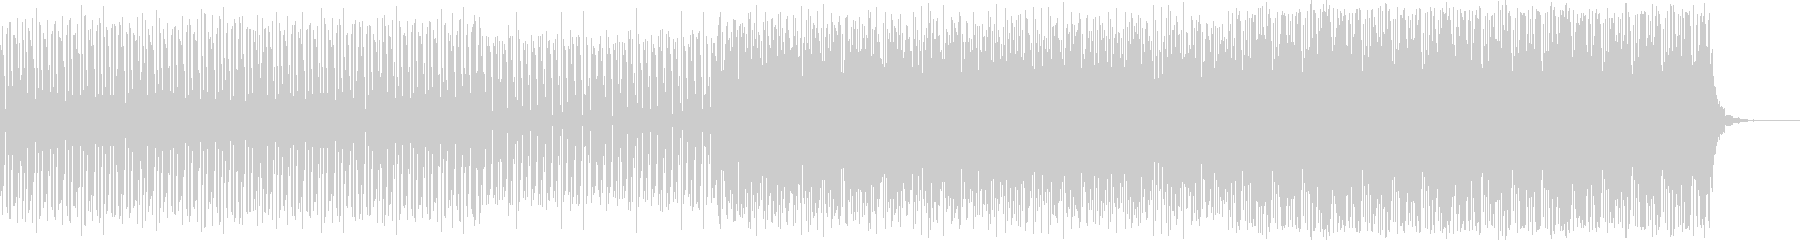 幻想的な映像、CMにピアノエレクトロニカの未再生の波形